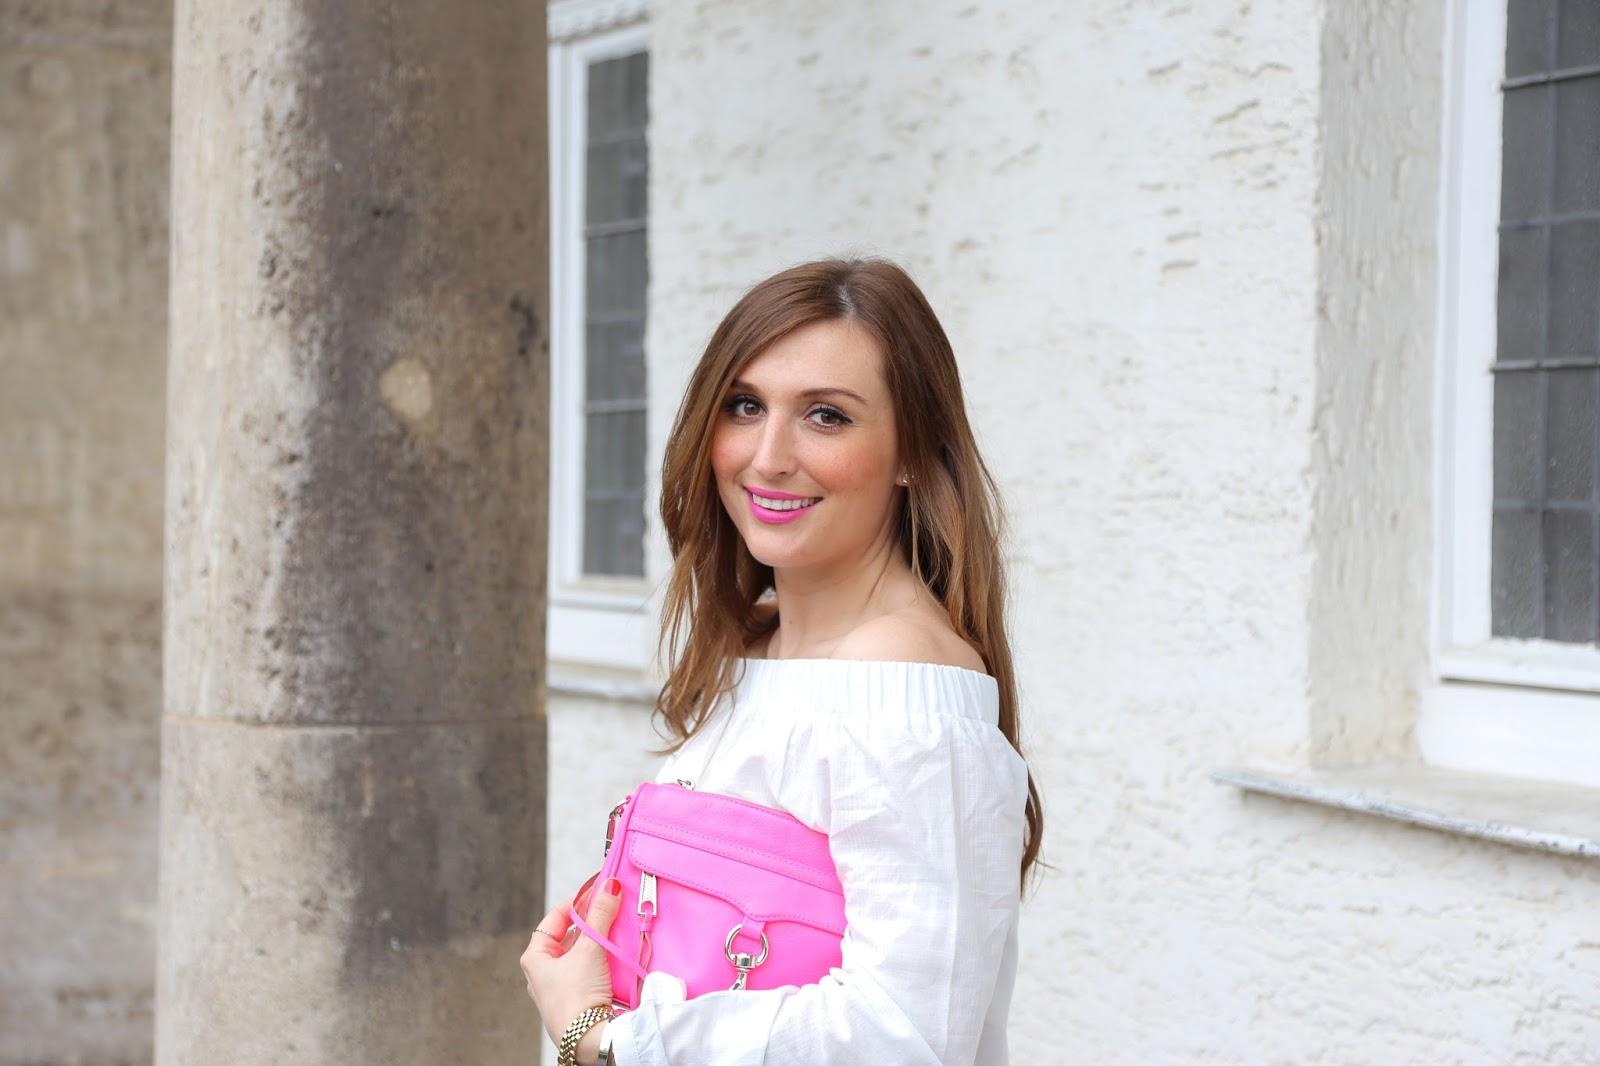 Fashionblogger aus Deutschland - Frankfurt Fashionblogger -Blogger aus Deutschland - Blogger Outfit- Fashionstylebyjohanna